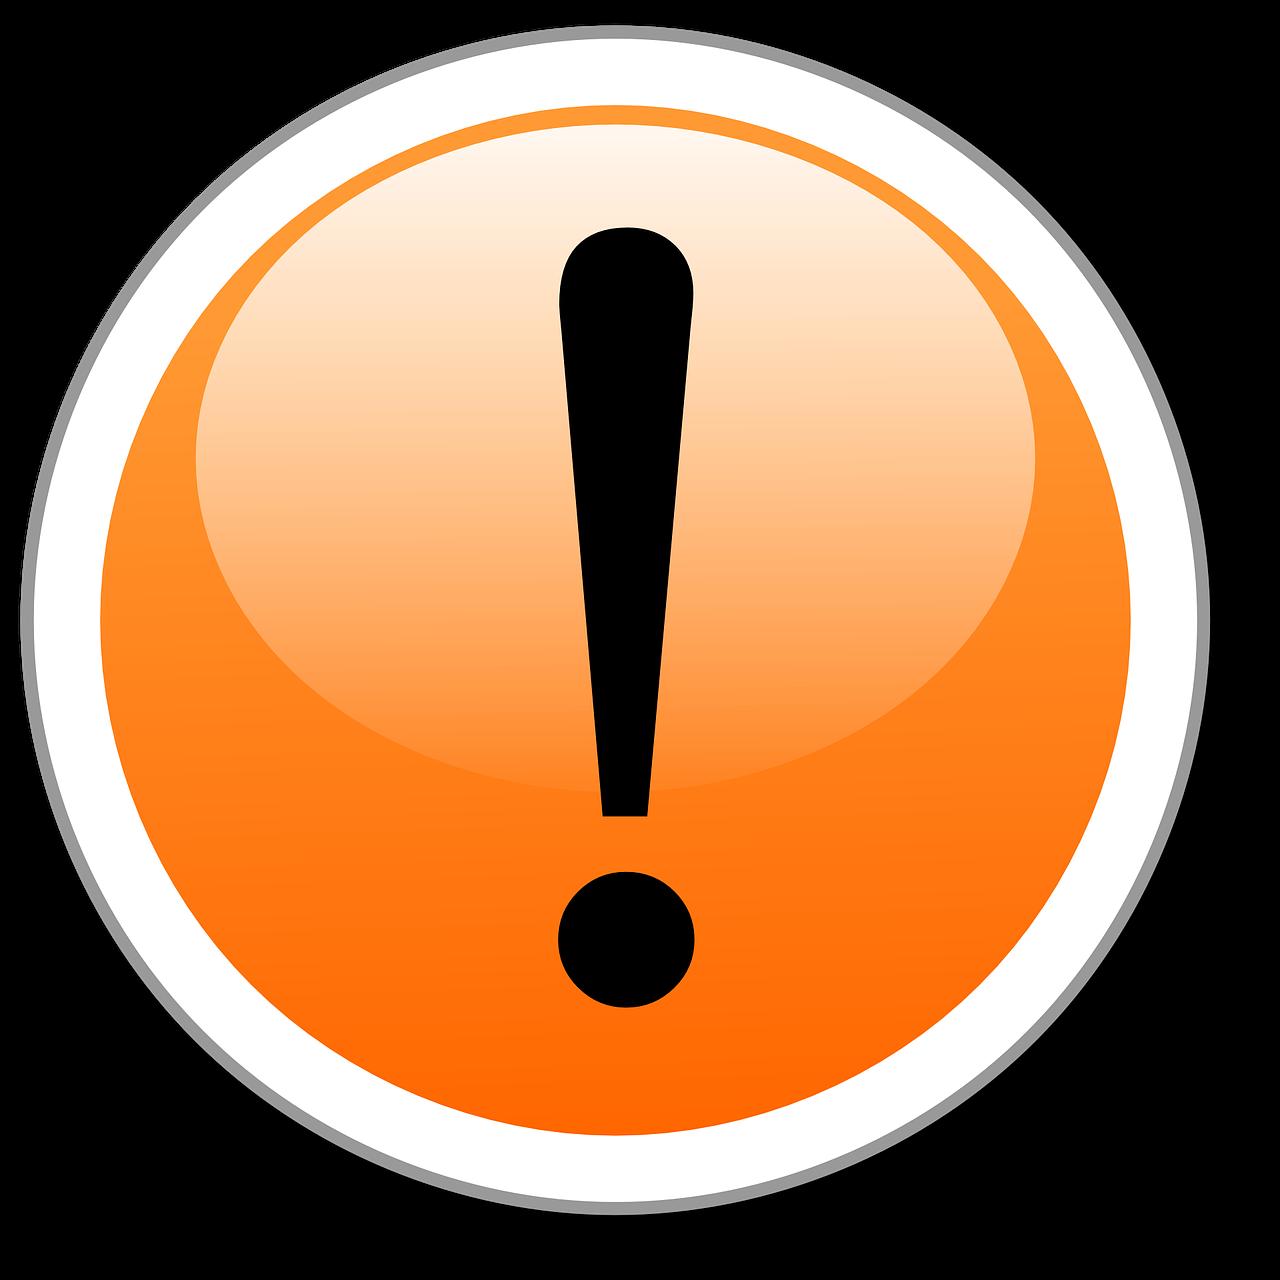 Логотип с восклицательным знаком